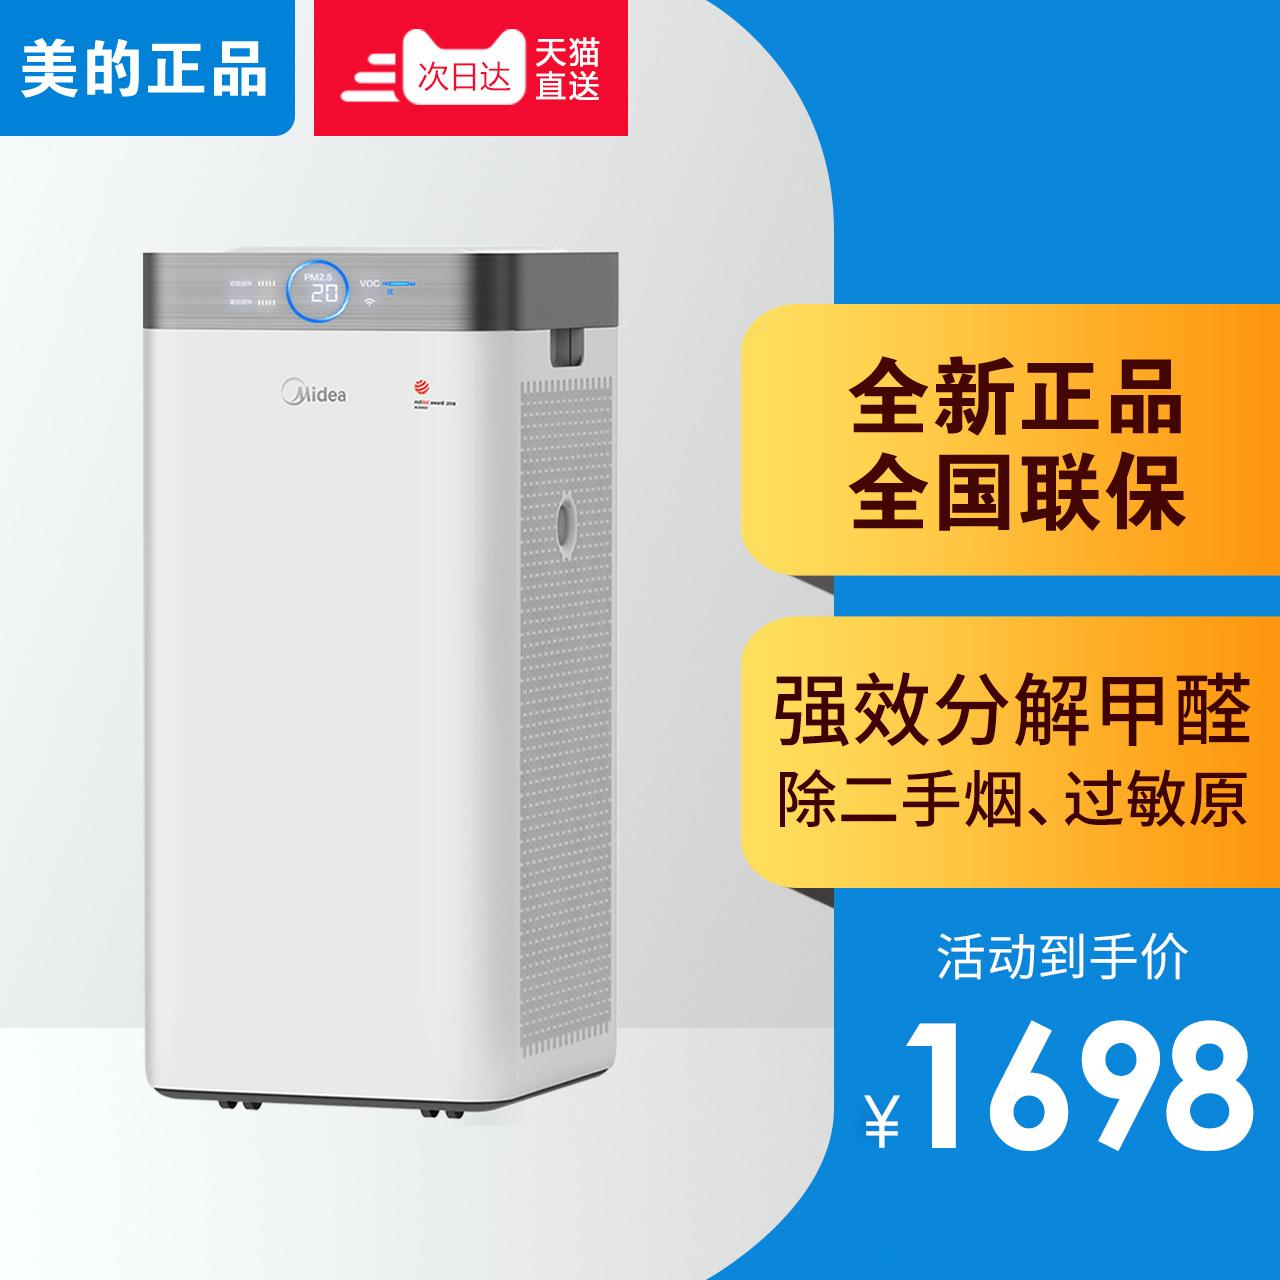 [美的中国生活体验馆空气净化,氧吧]美的空气净化器家用卧室除甲醛雾霾pm月销量0件仅售1599元